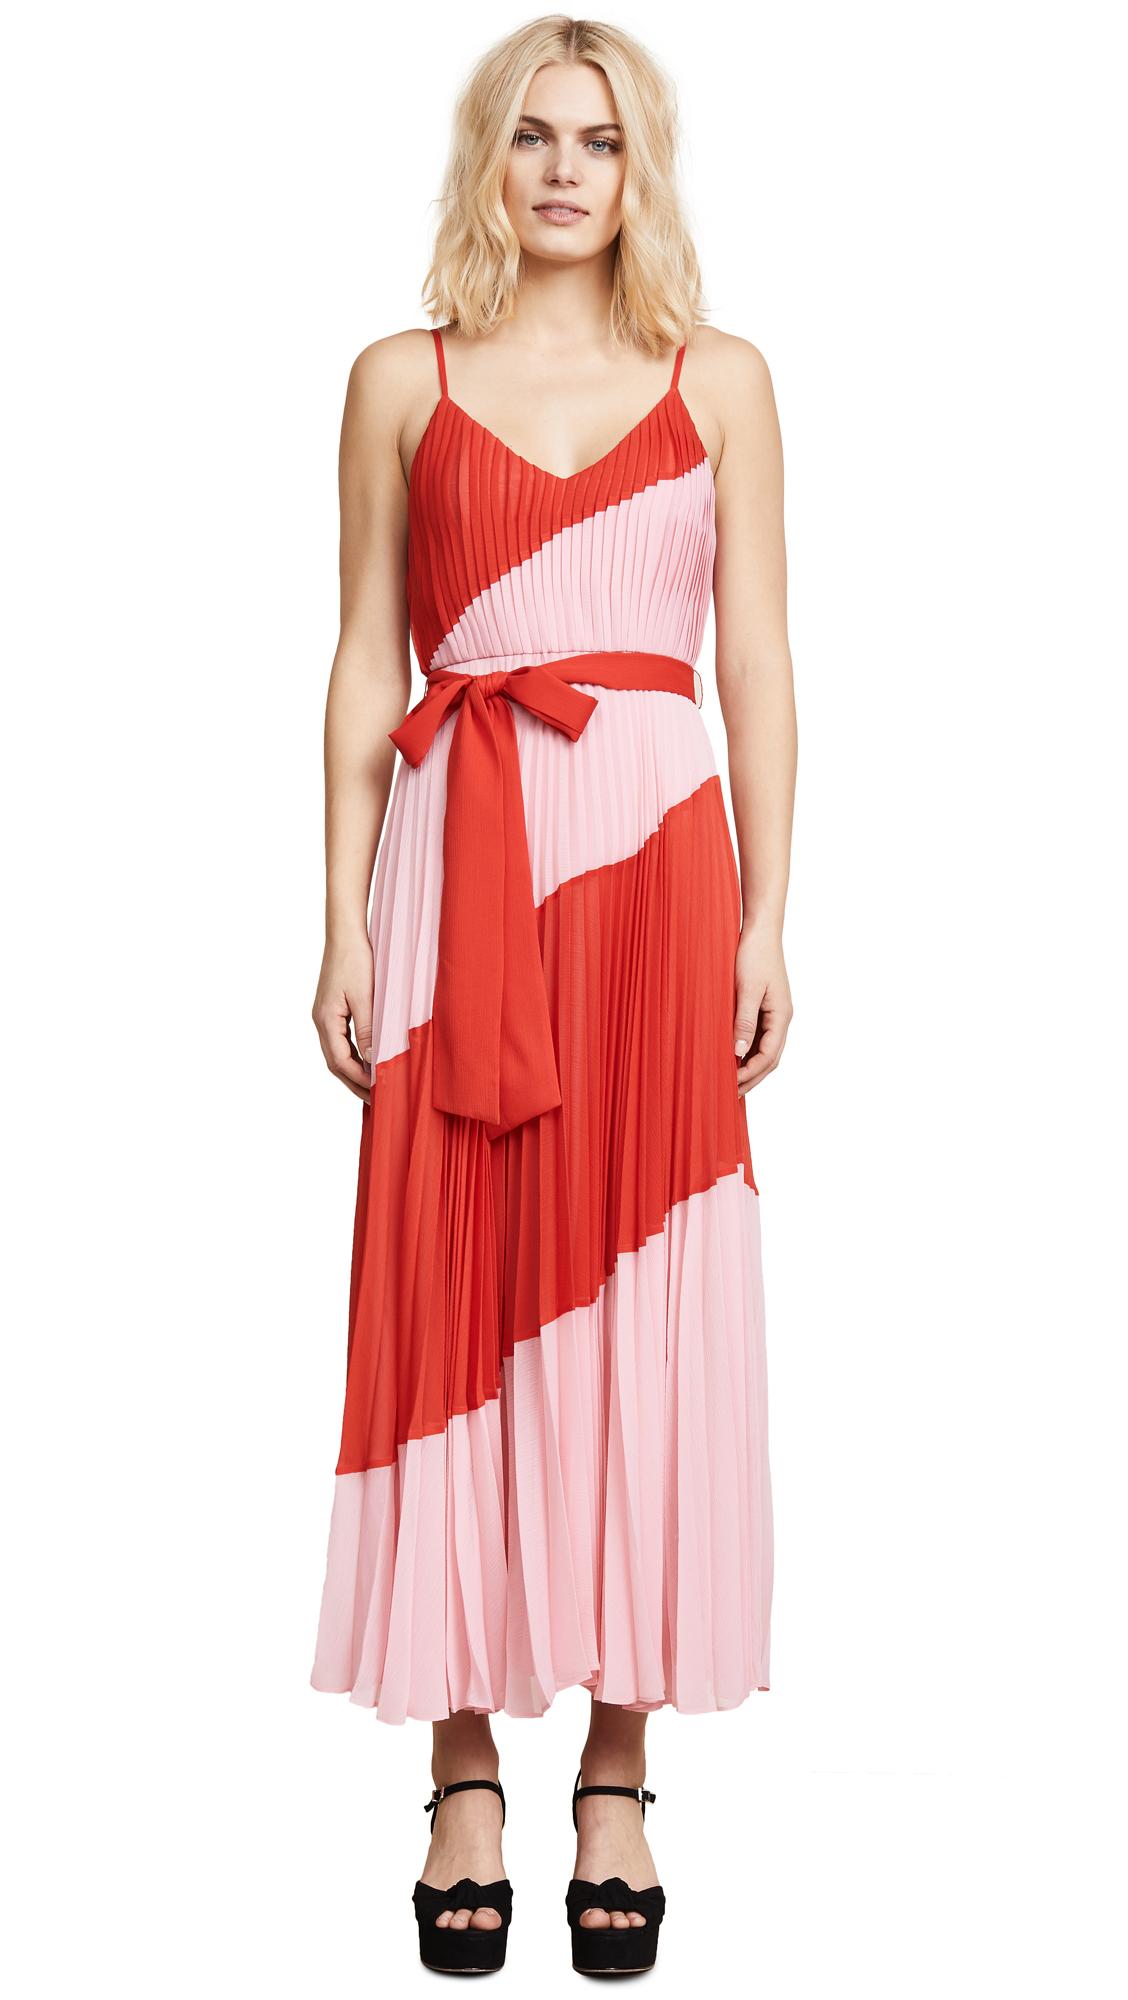 alice + olivia Rozlyn Dress